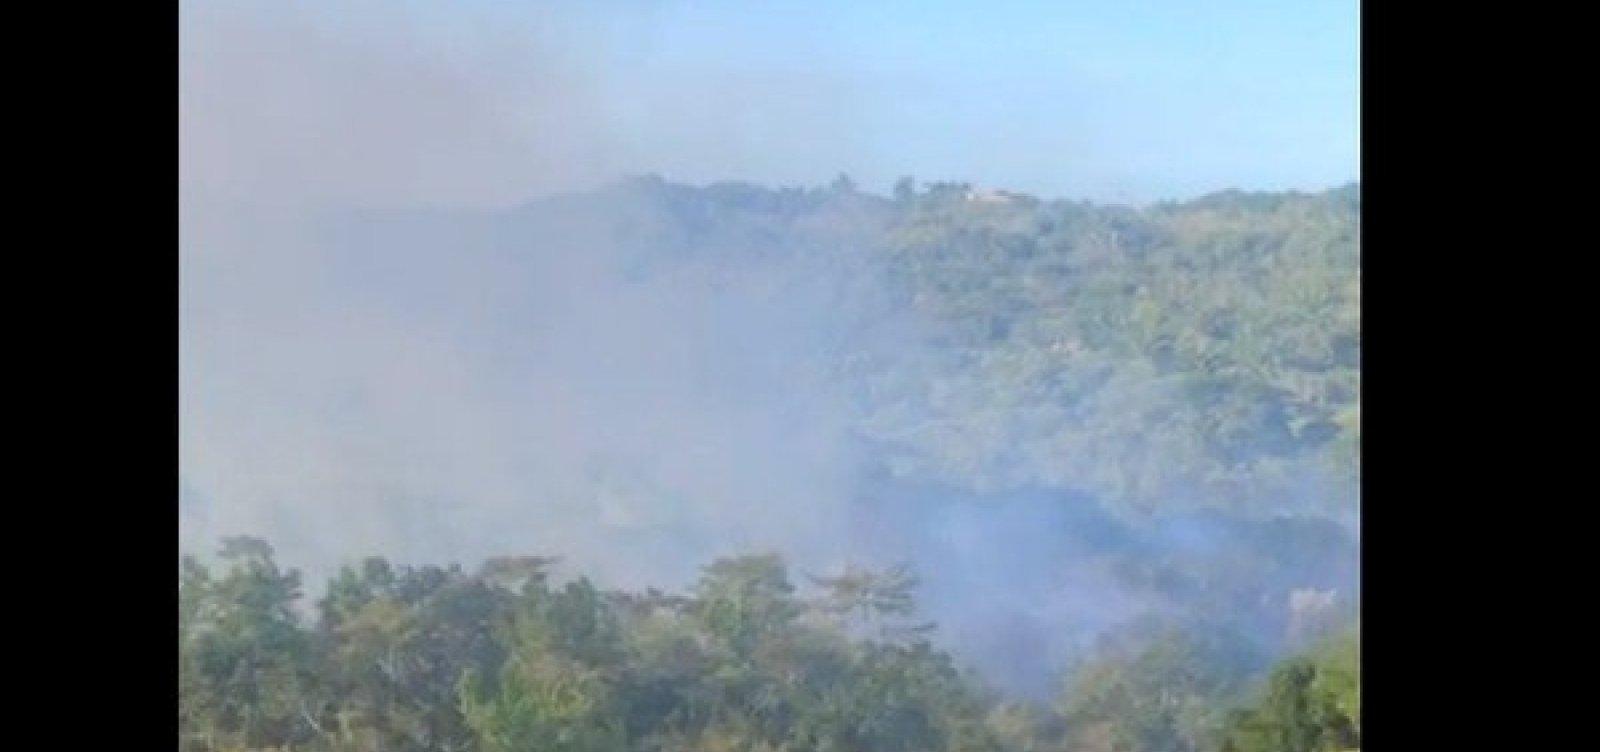 Incêndio atinge vegetação em Trancoso, no sul da Bahia